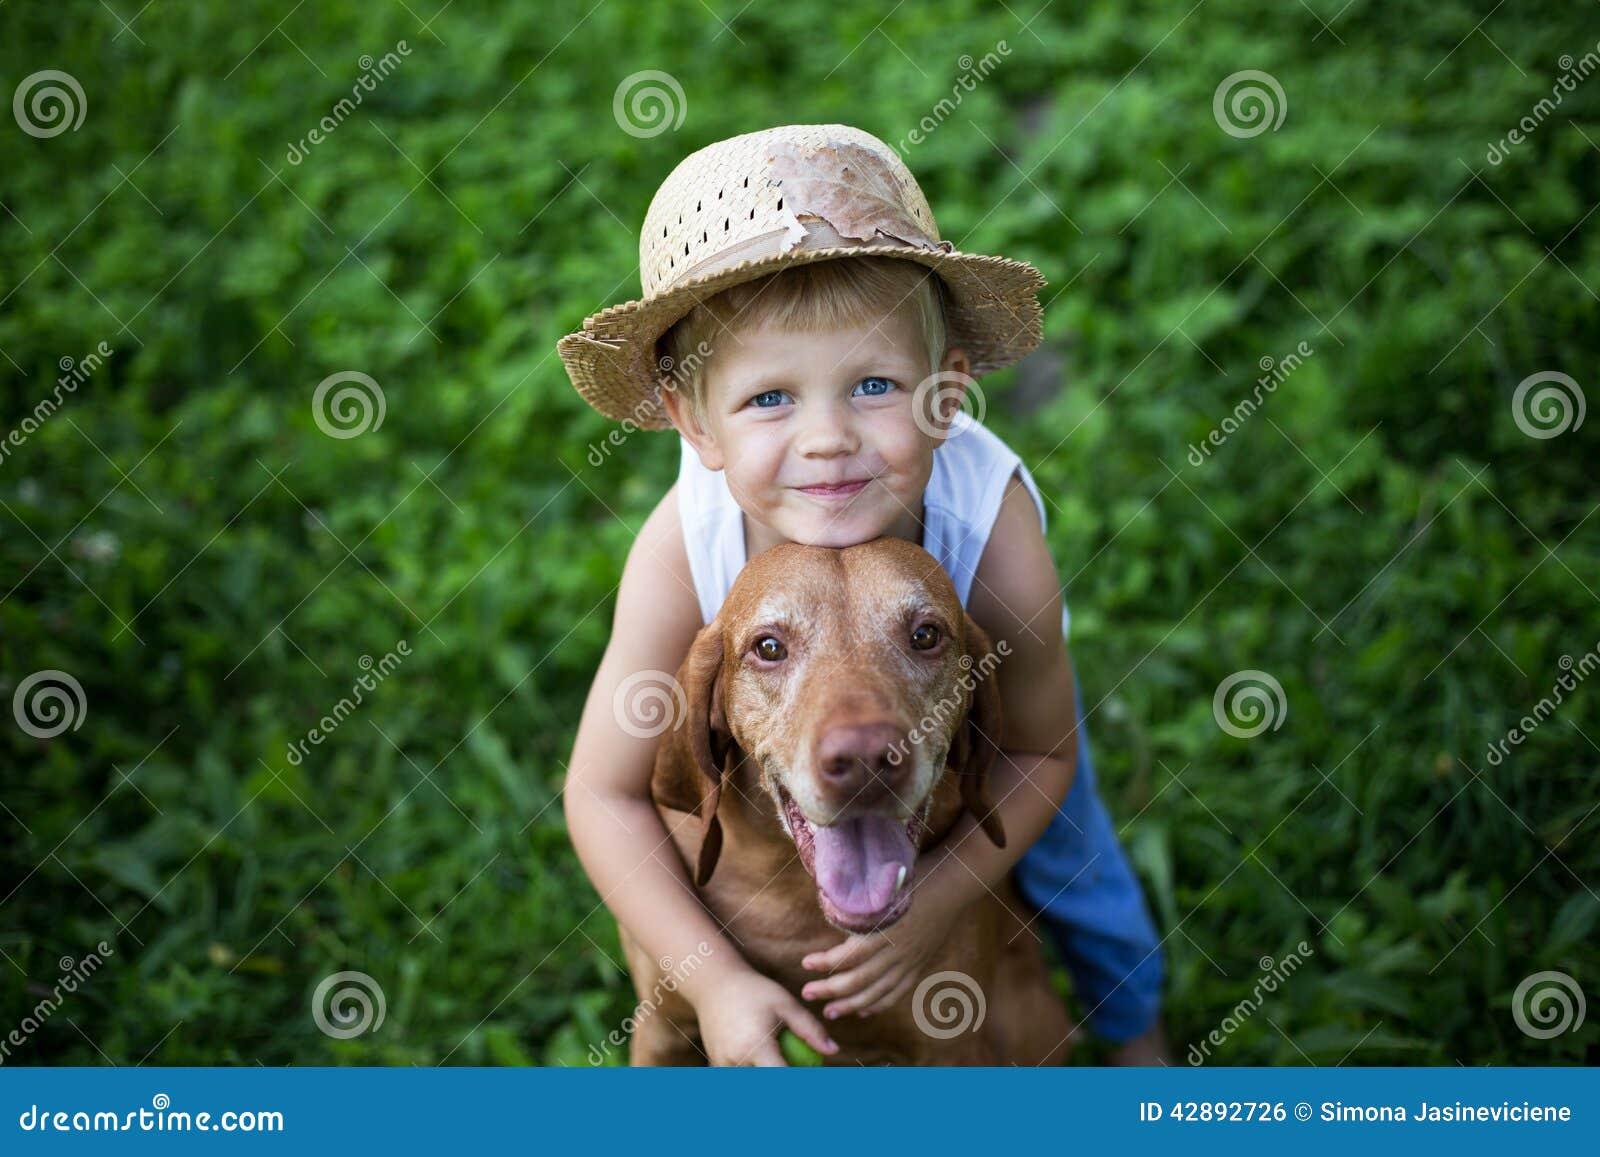 conceito amizade entre o ser humano e o animal foto de stock